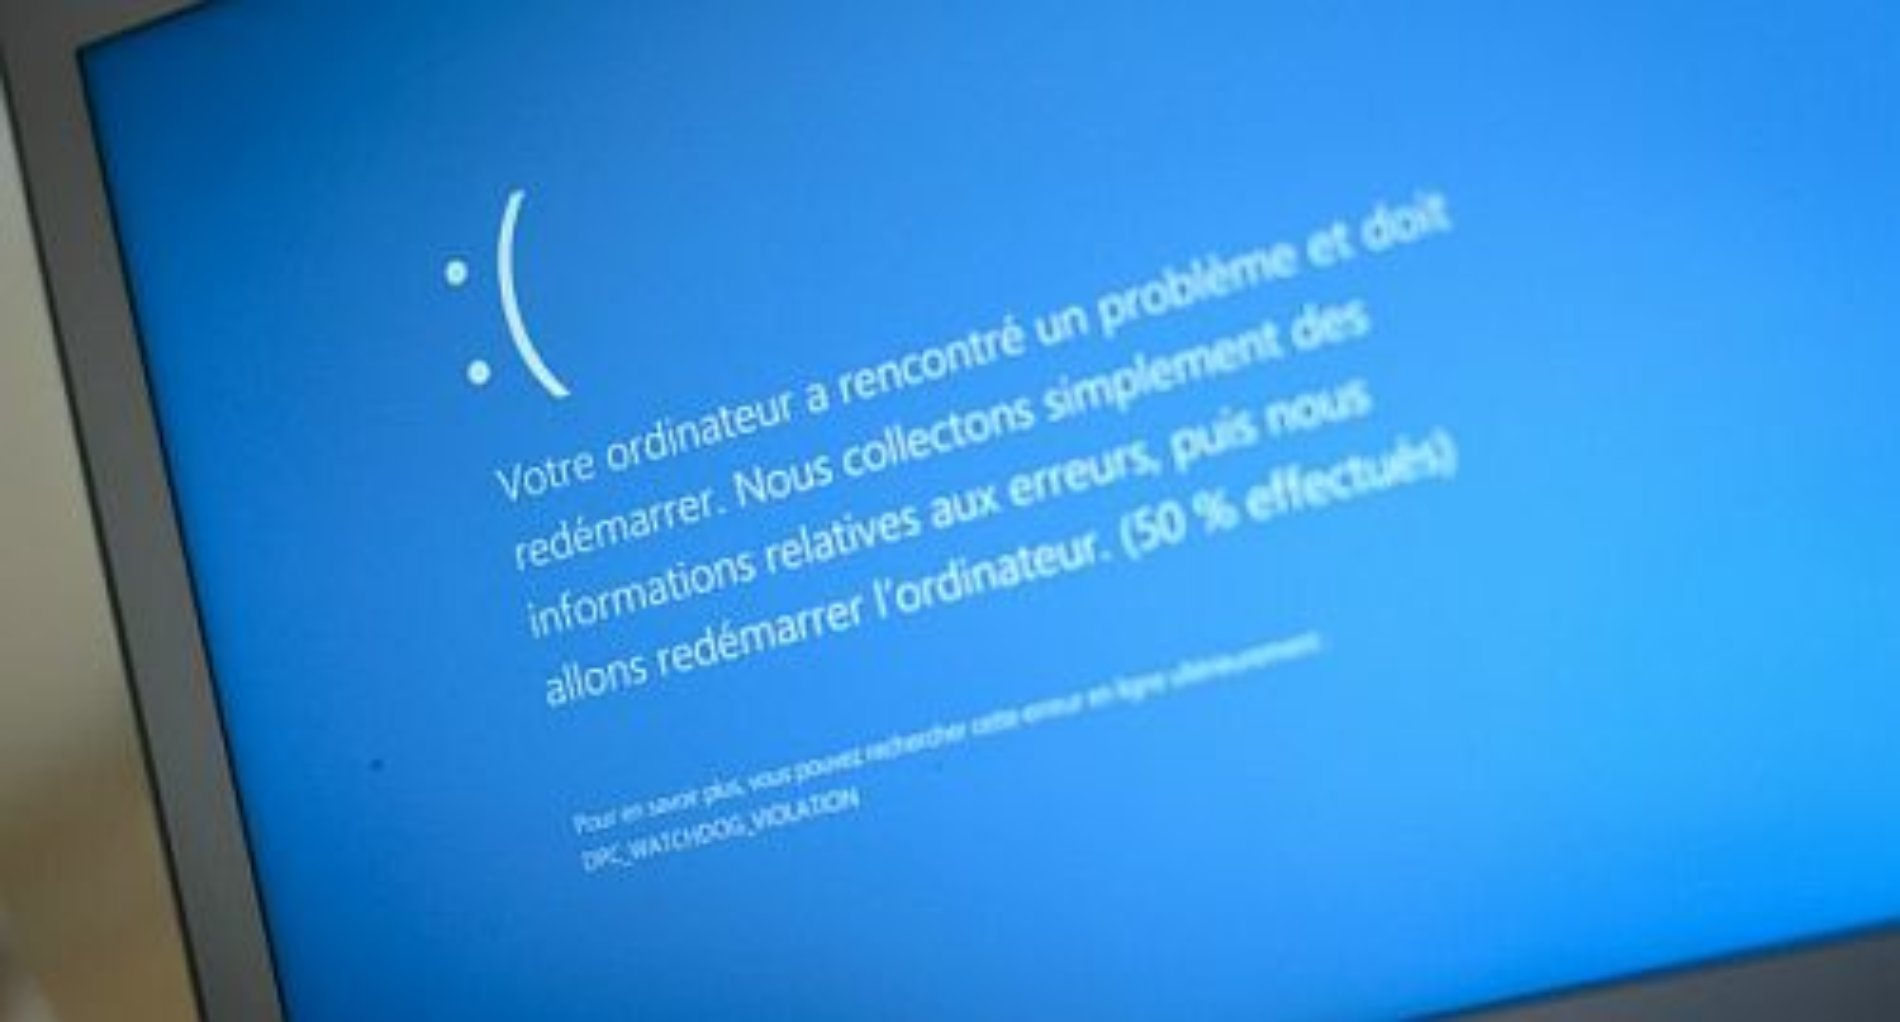 Creators Update Windows 10 provoca pantallas azules tras actualización